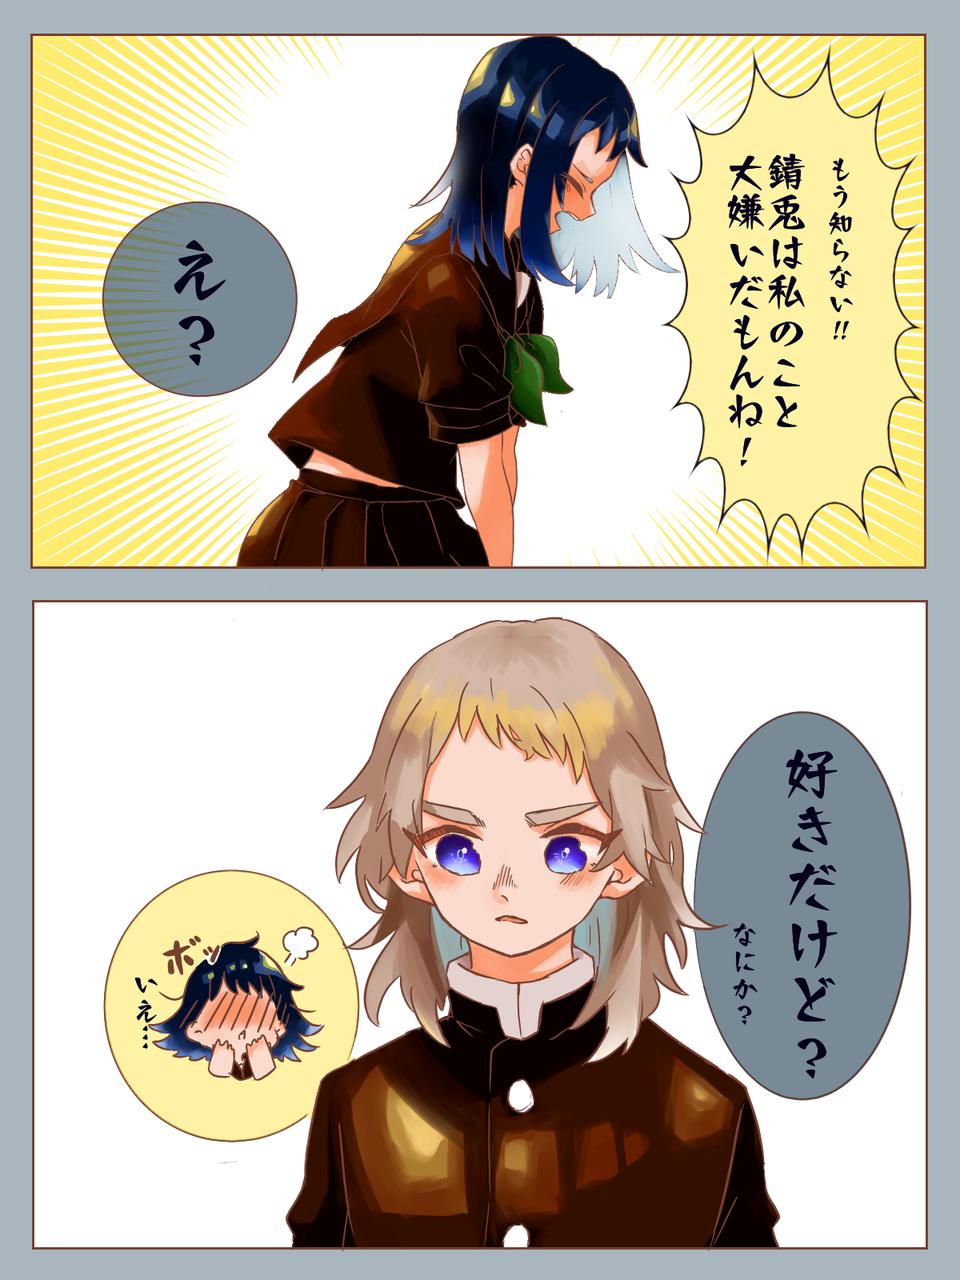 さびまこ~! Illust of ト・リ・コ・ス・ケ KimetsunoYaiba